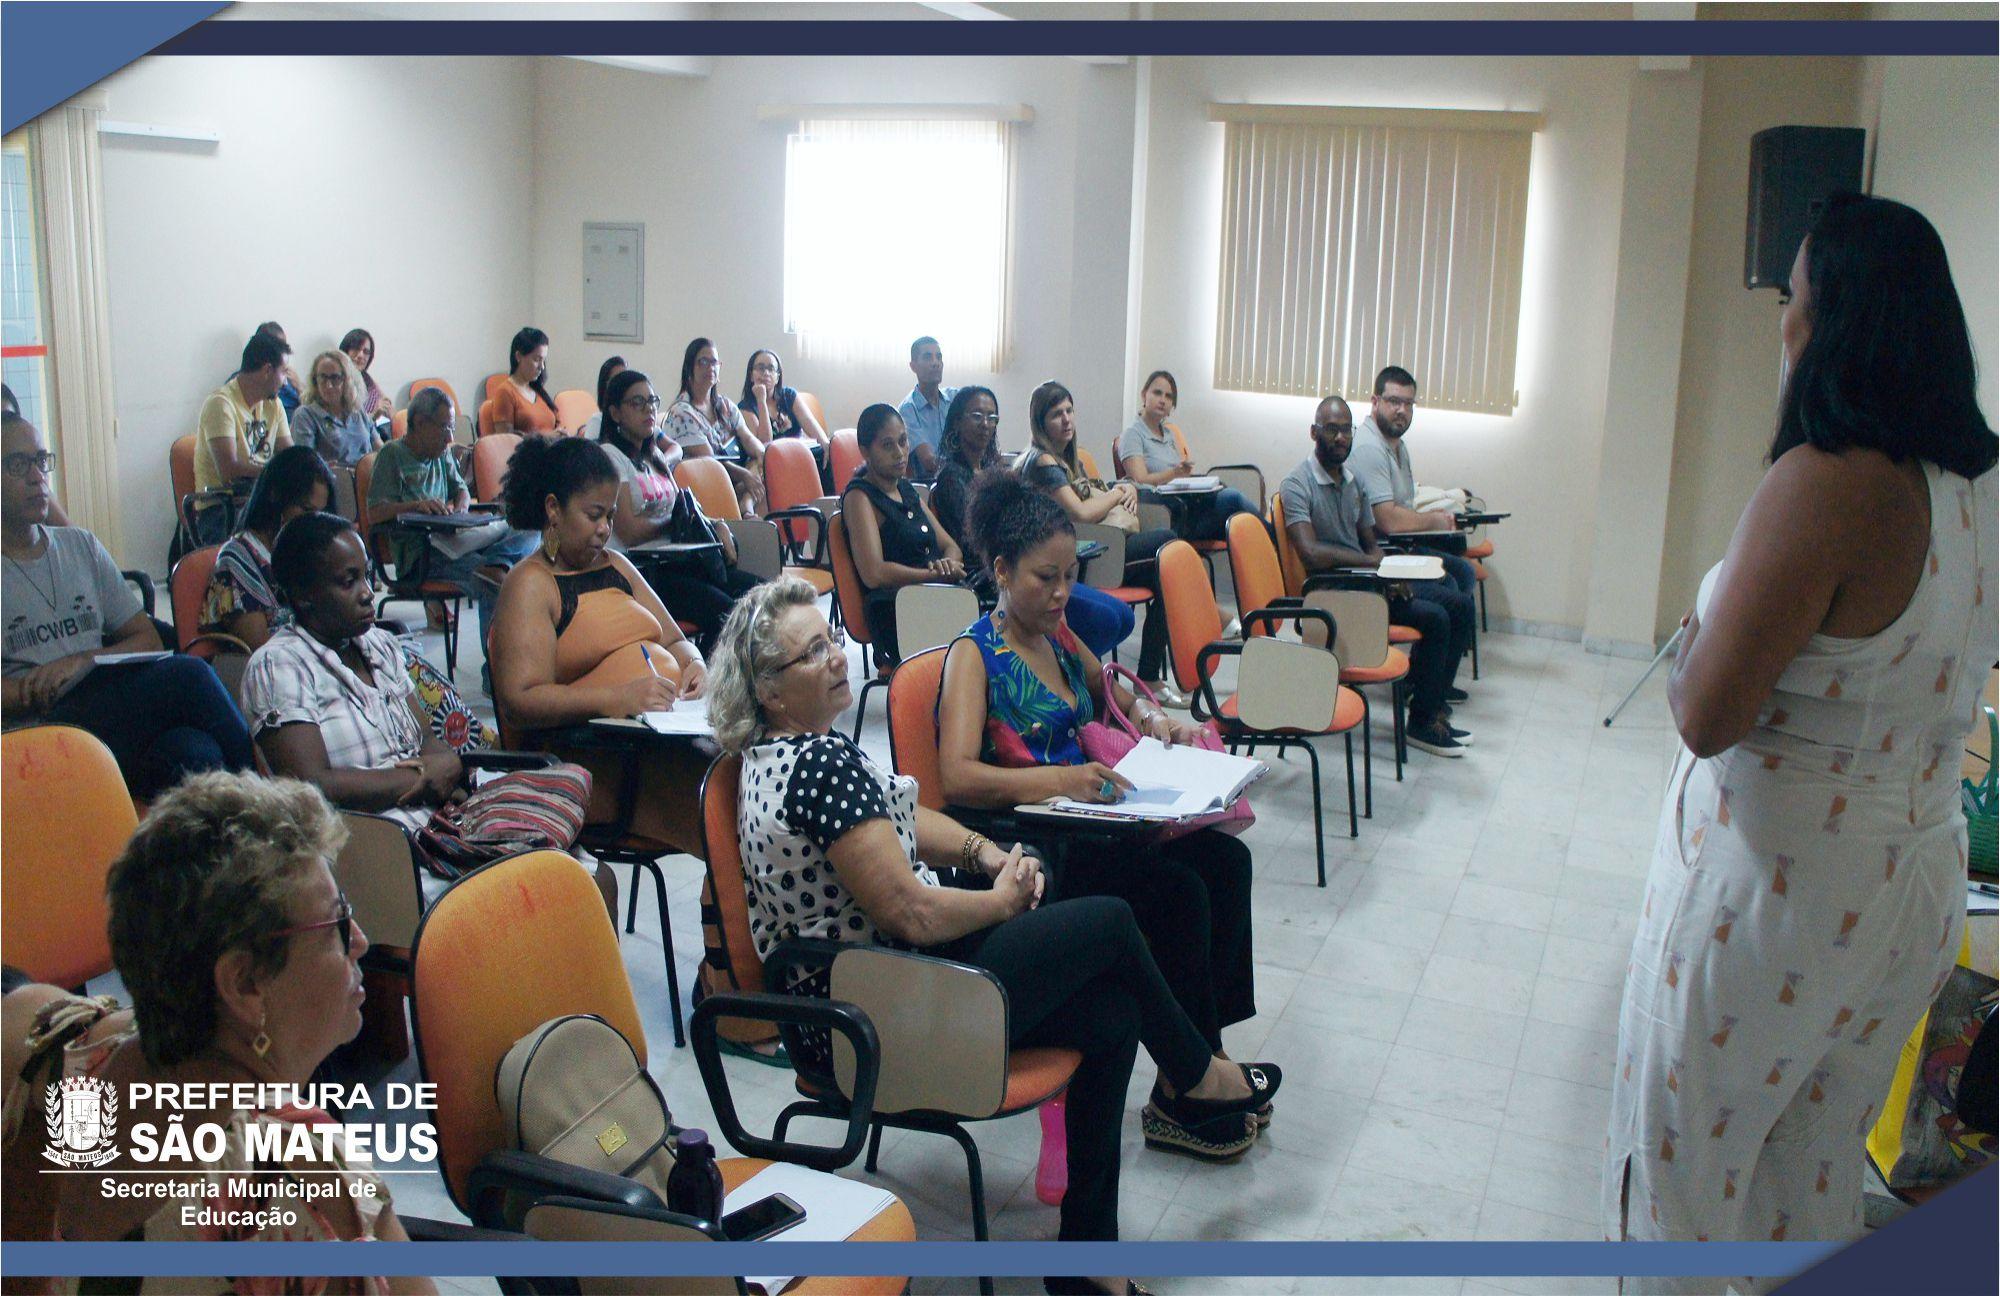 PMSM PROMOVE ENCONTRO COM OS PROFISSIONAIS DO PREFES